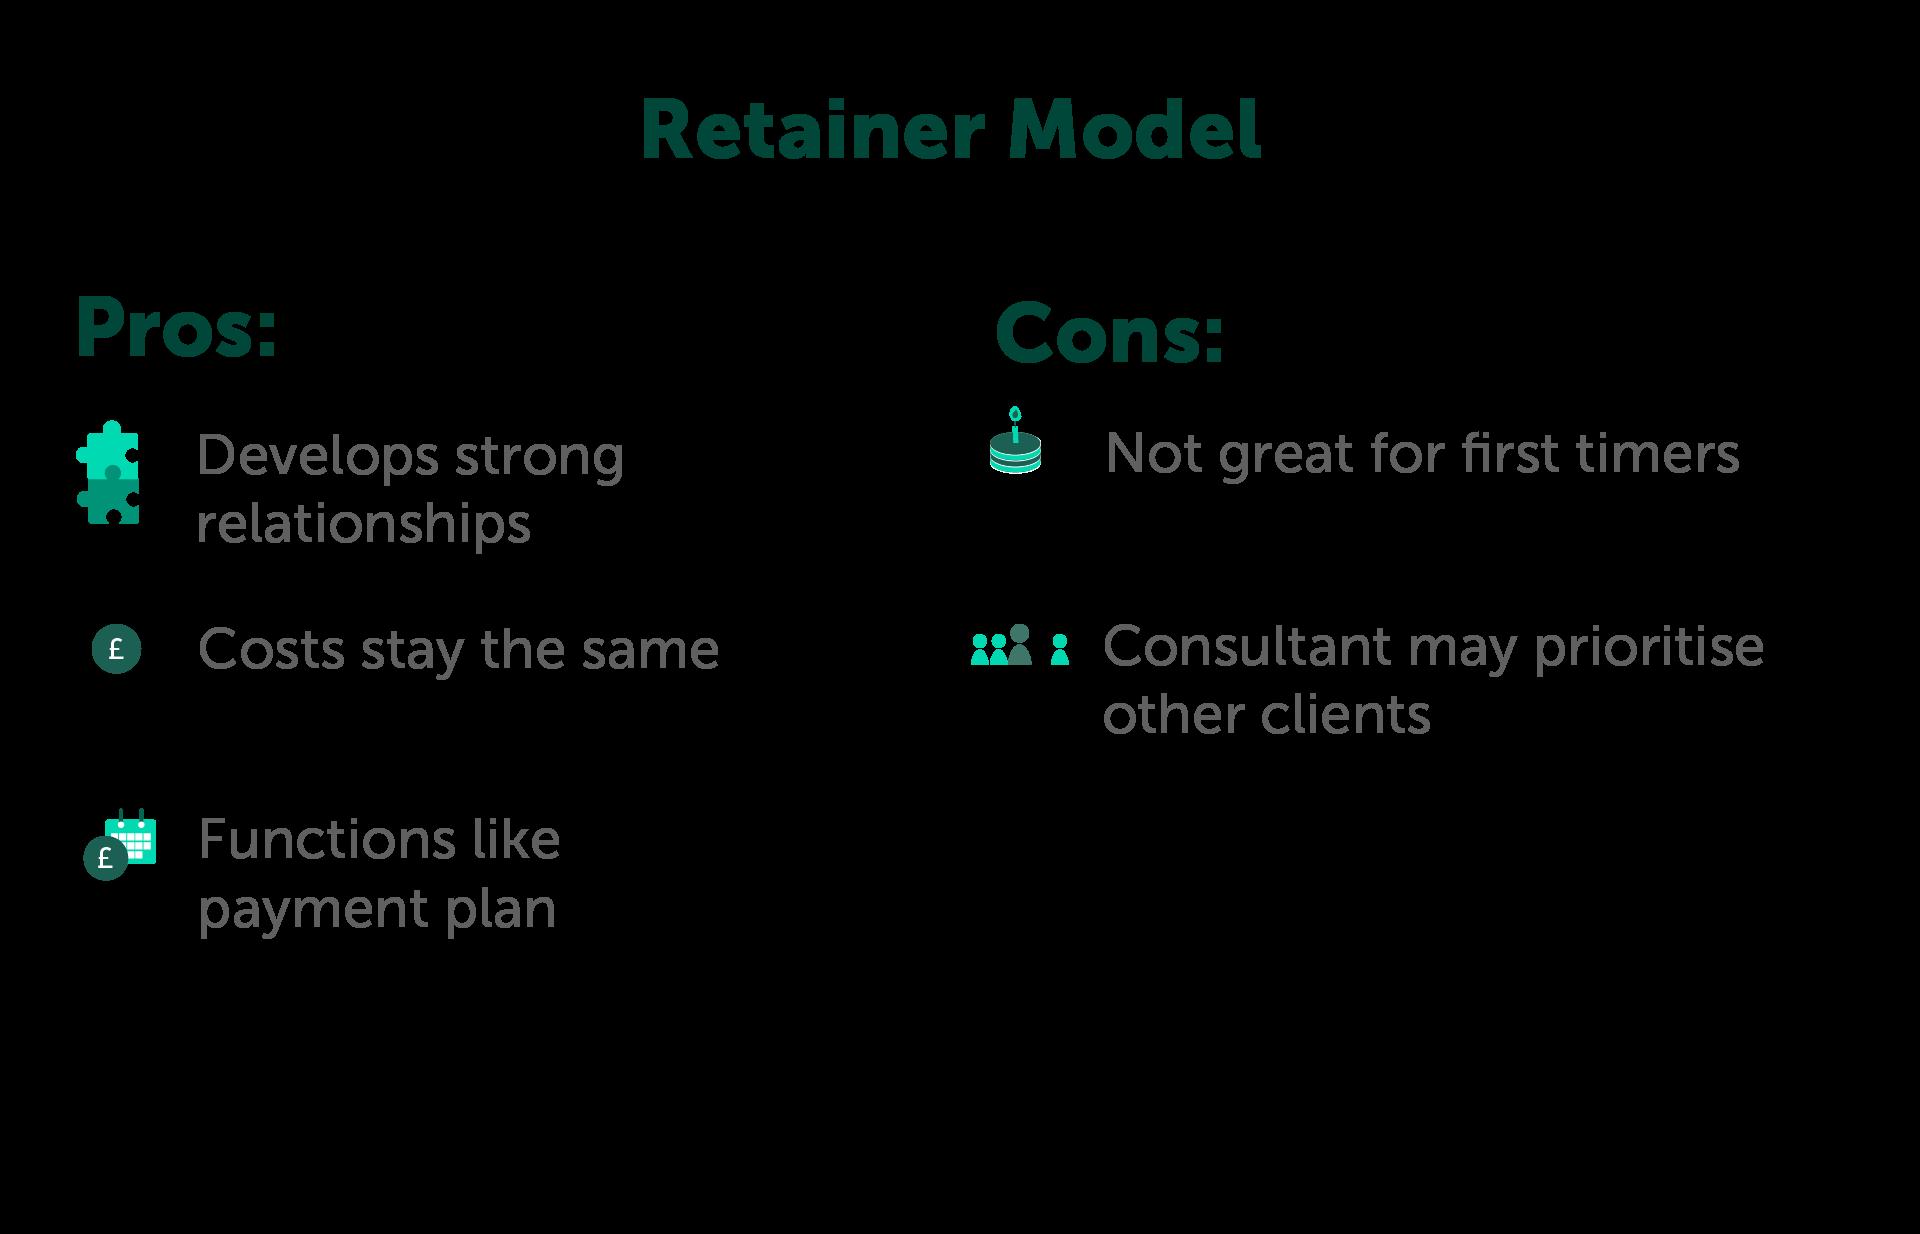 Retainer model